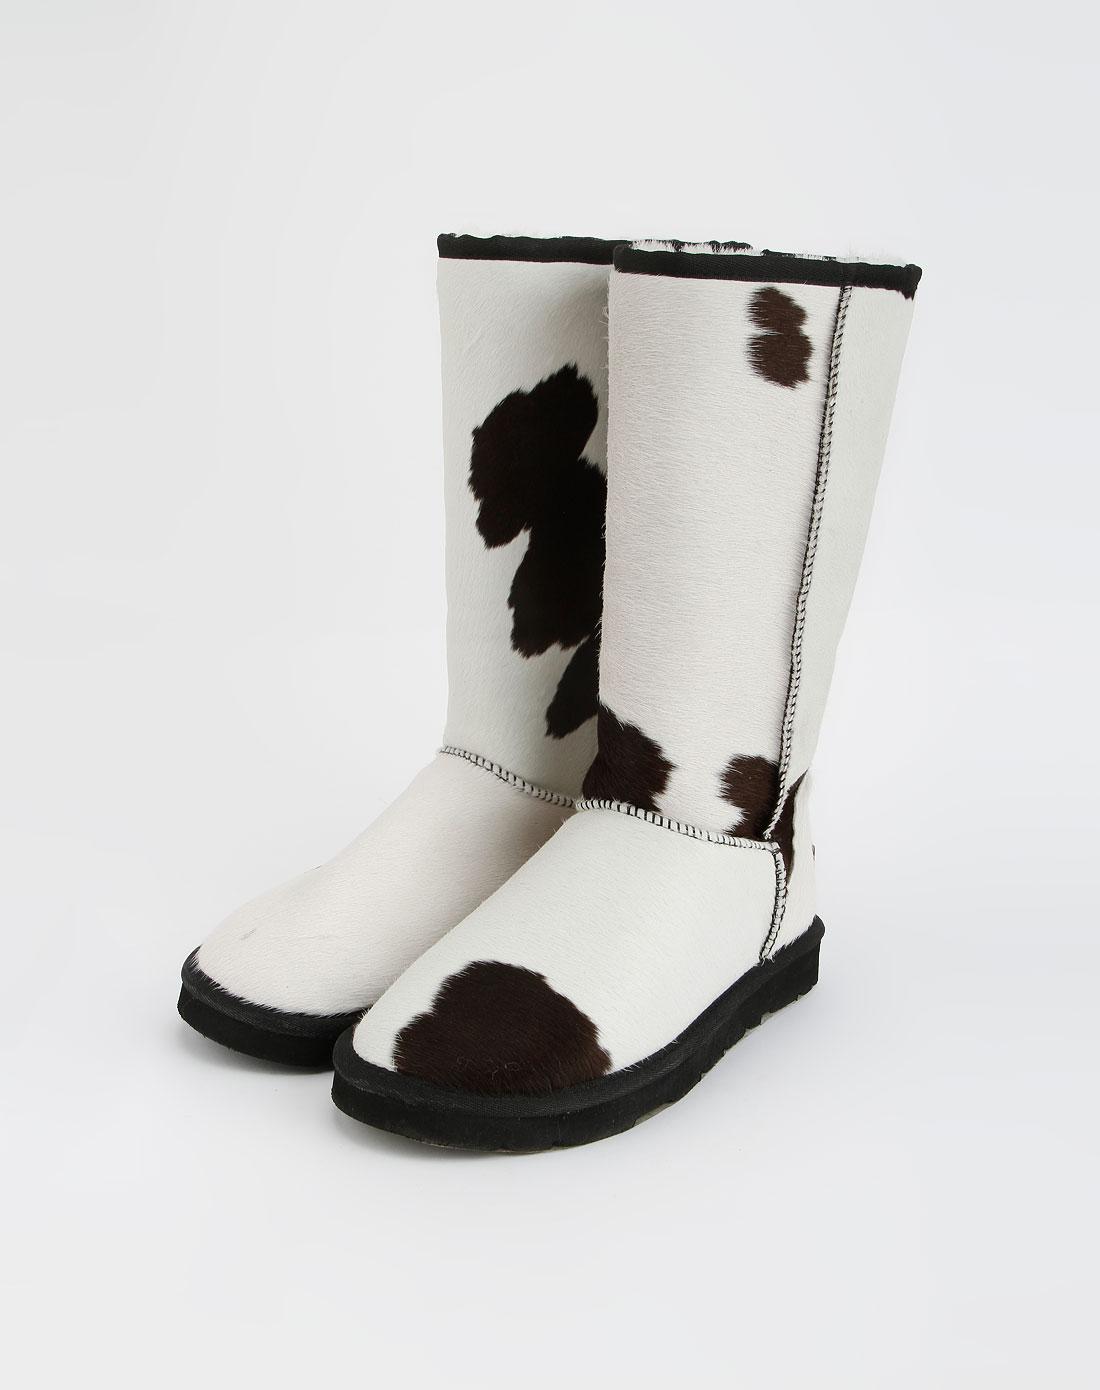 尚平底长筒雪地靴